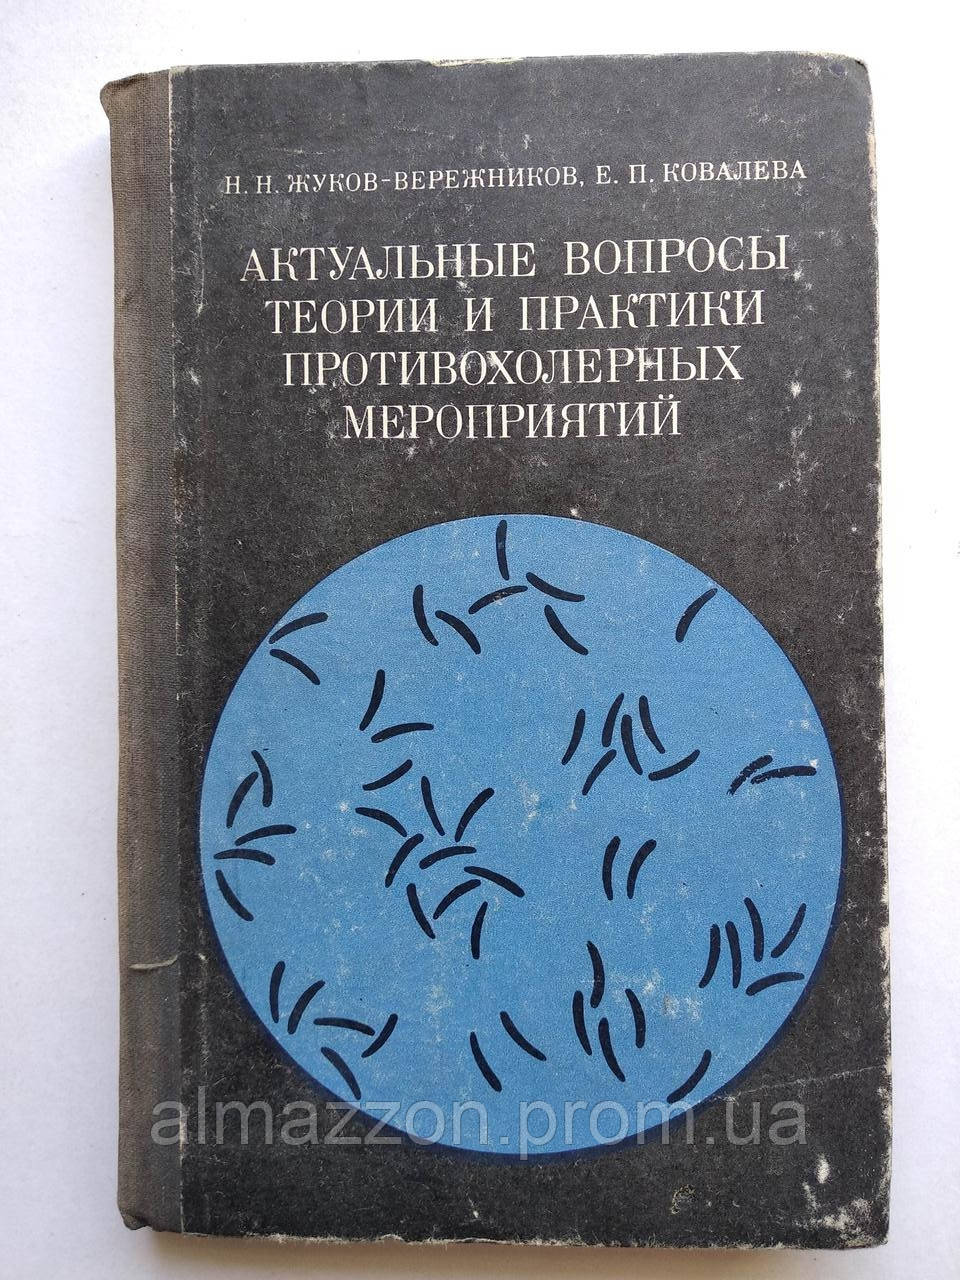 Актуальные вопросы теории и практики противохолерных мероприятий Е.П.Ковалева